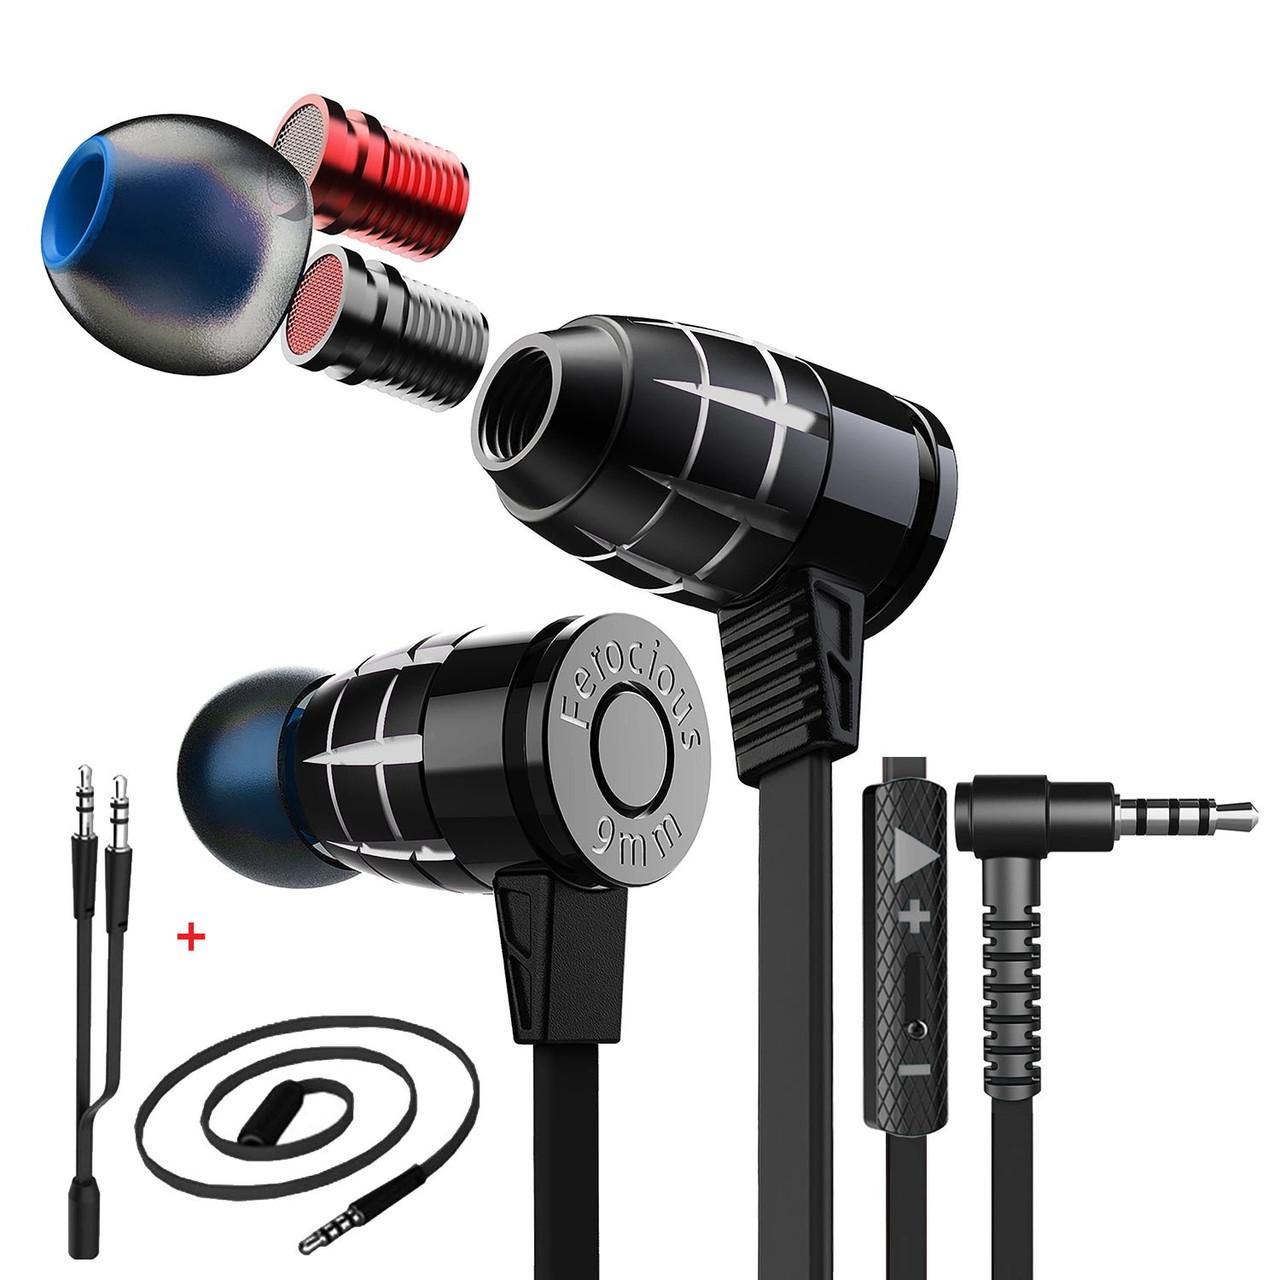 Ігрові стерео навушники (1.2 м) геймерська дротові гарнітура з мікрофоном для ПК комп'ютера PS4 Xbox